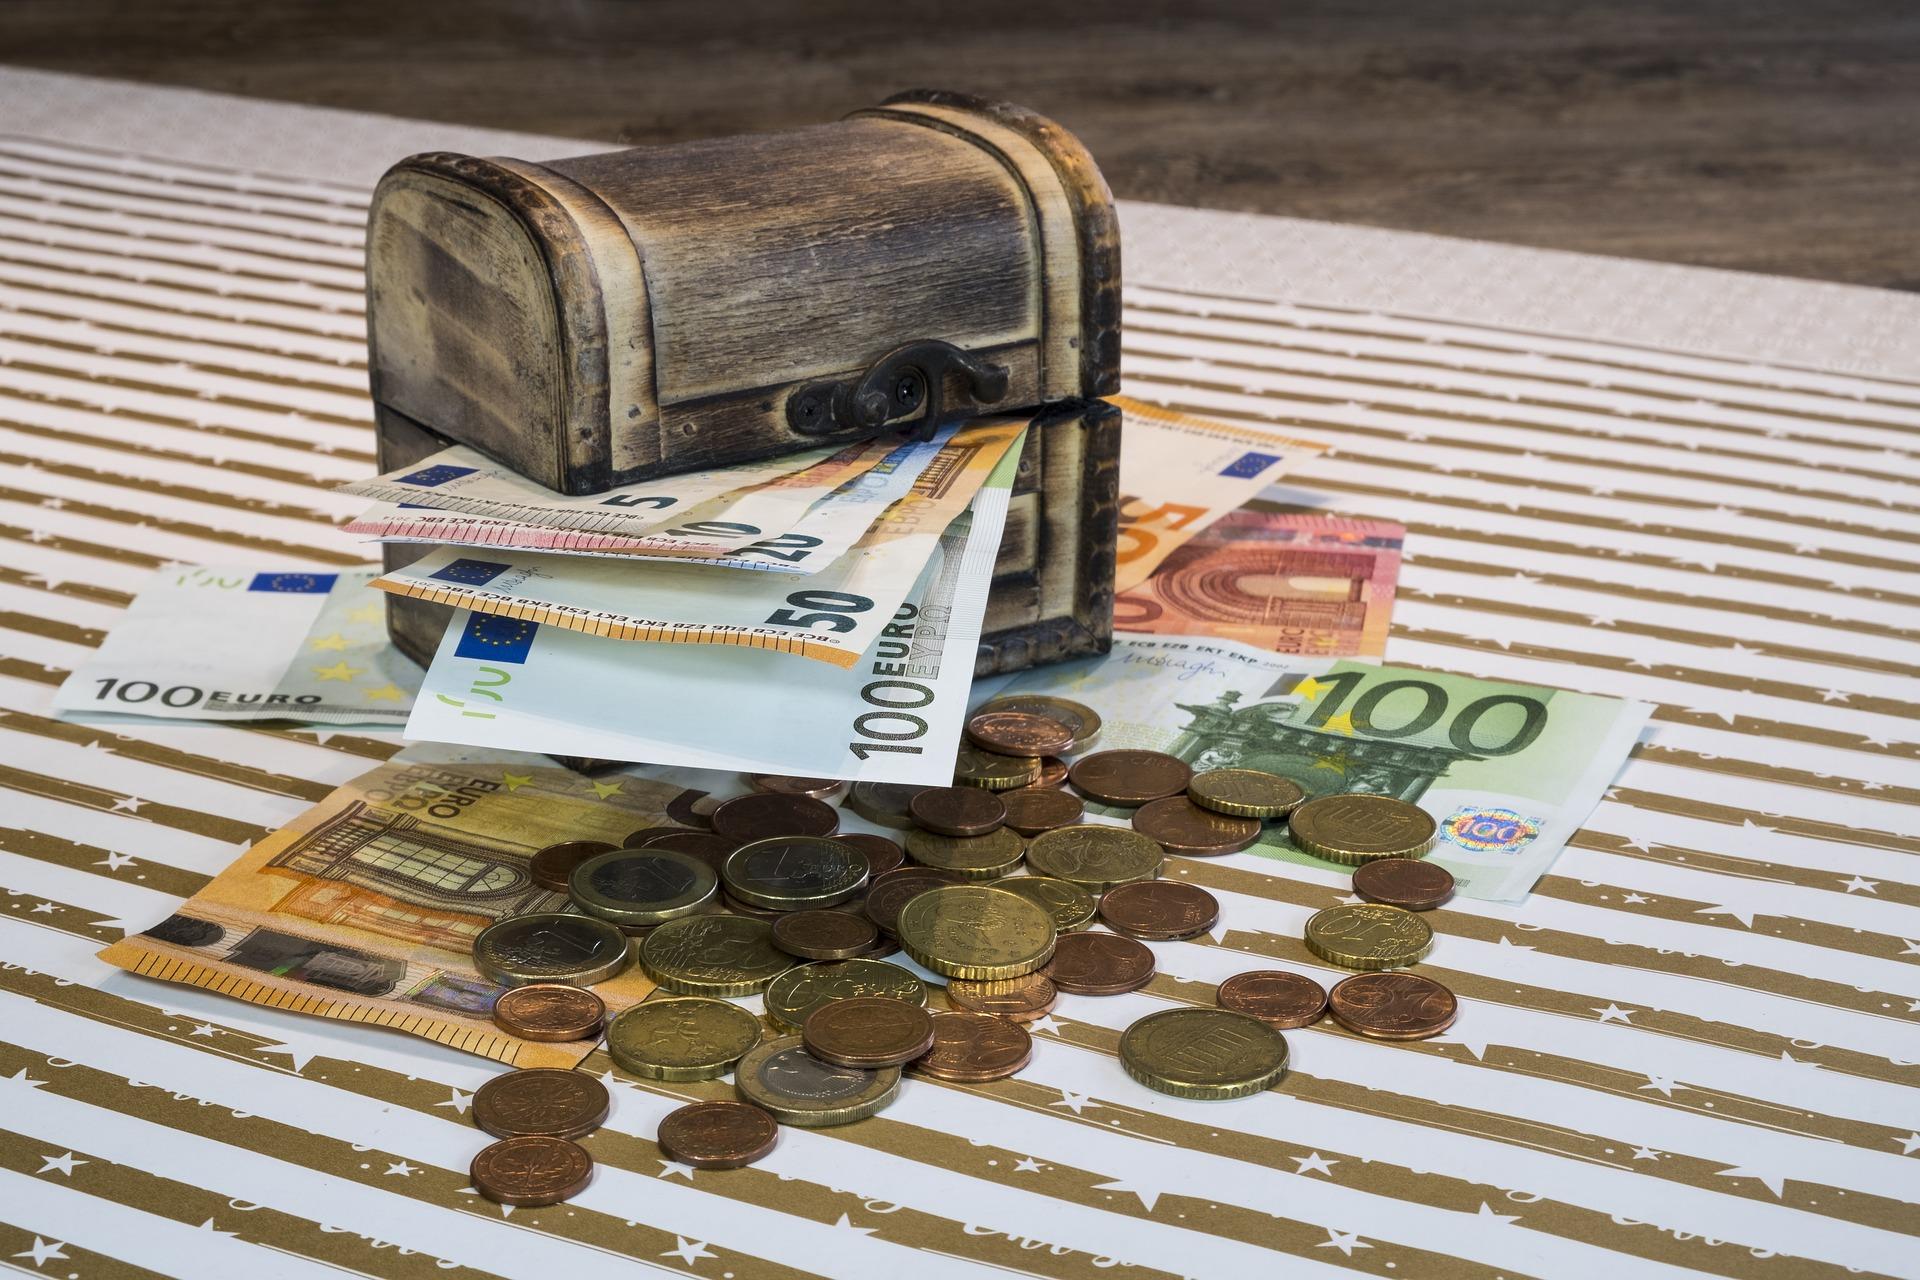 Eine kleine Schatztruhe, aus der mehrere Euroscheine mit verschiedenem Wert herausschauen, und mehrere Eurostücke wie auch -scheine, die um sie herum liegen.